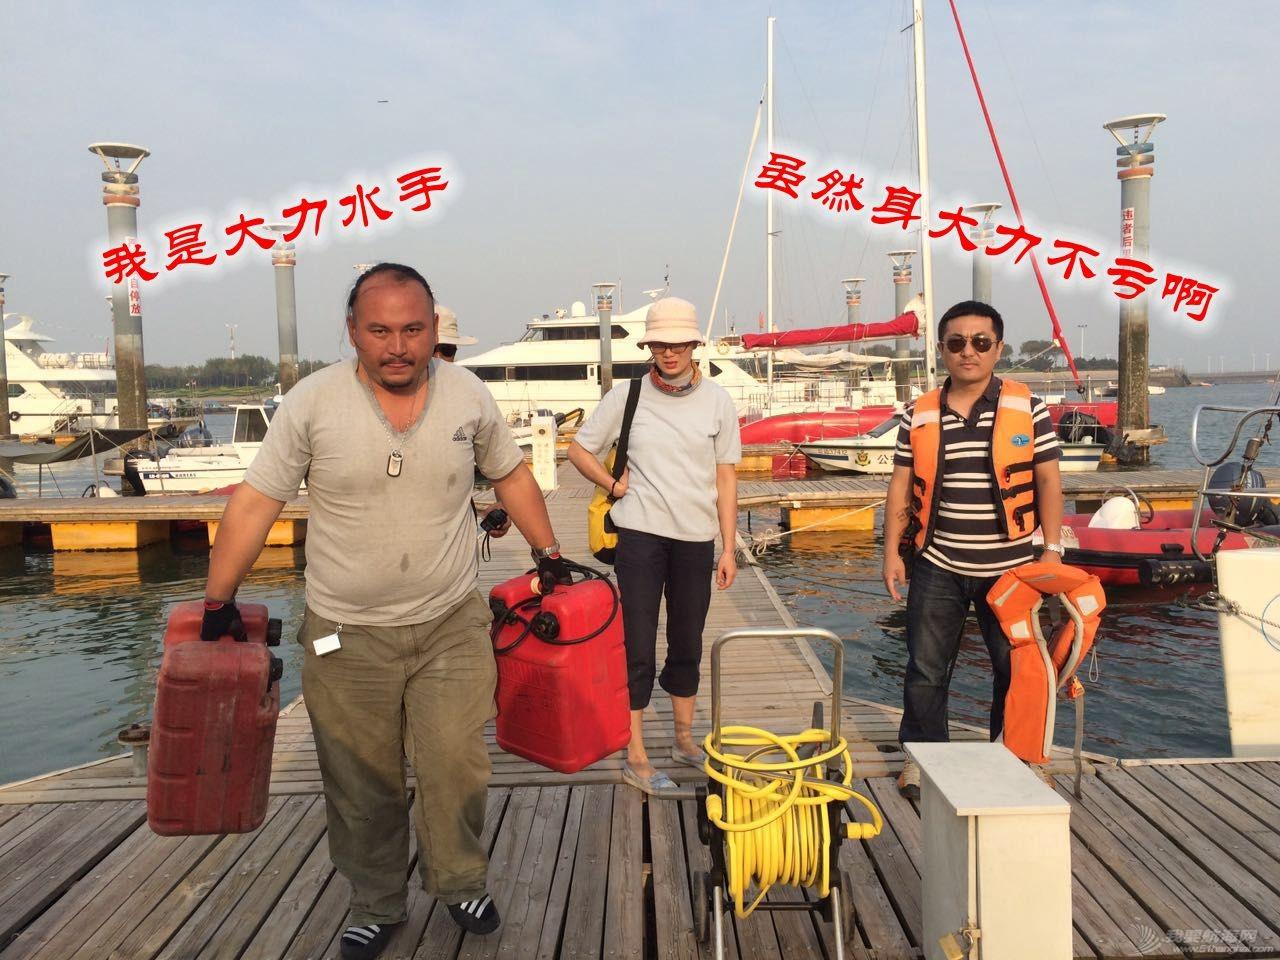 志愿者 我的志愿者生活010:十一特辑番外篇